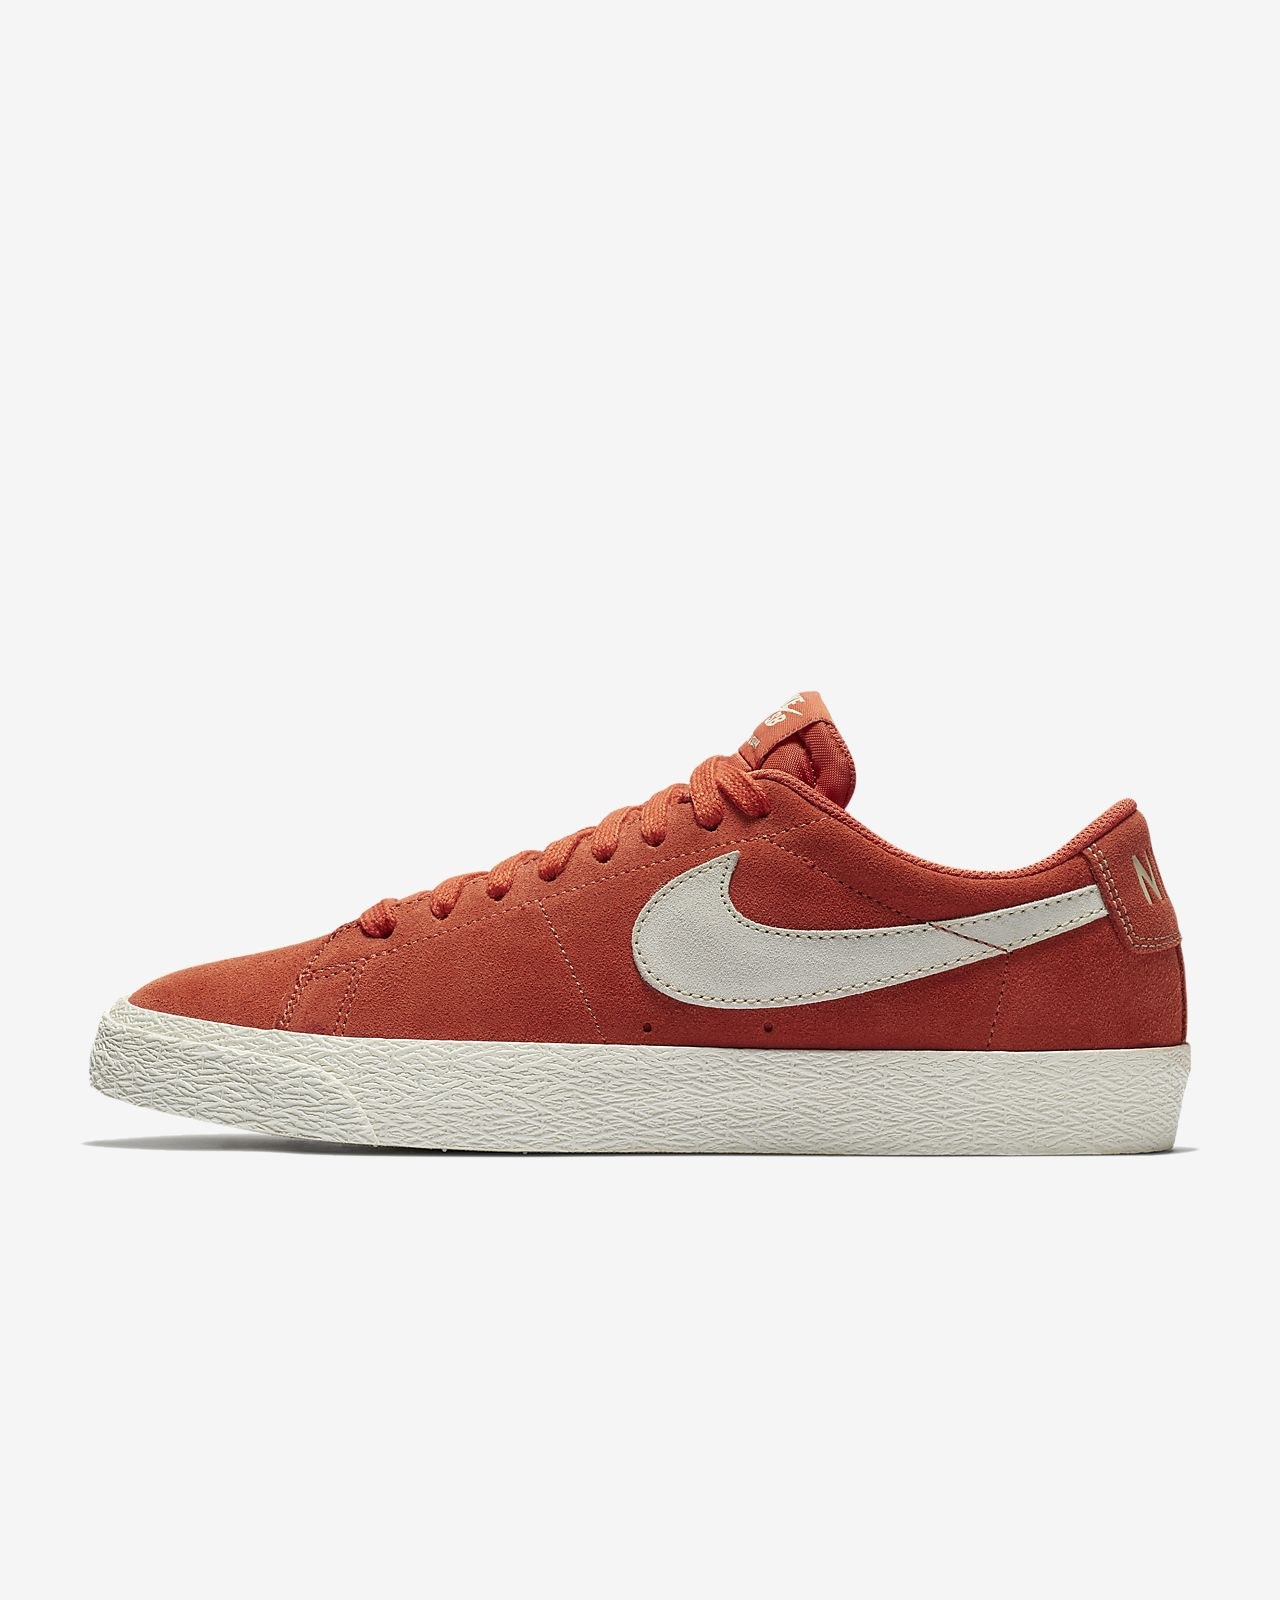 Nike SB Blazer Low XT Men's Skateboarding Shoes Black/Brown/White dL3517Y